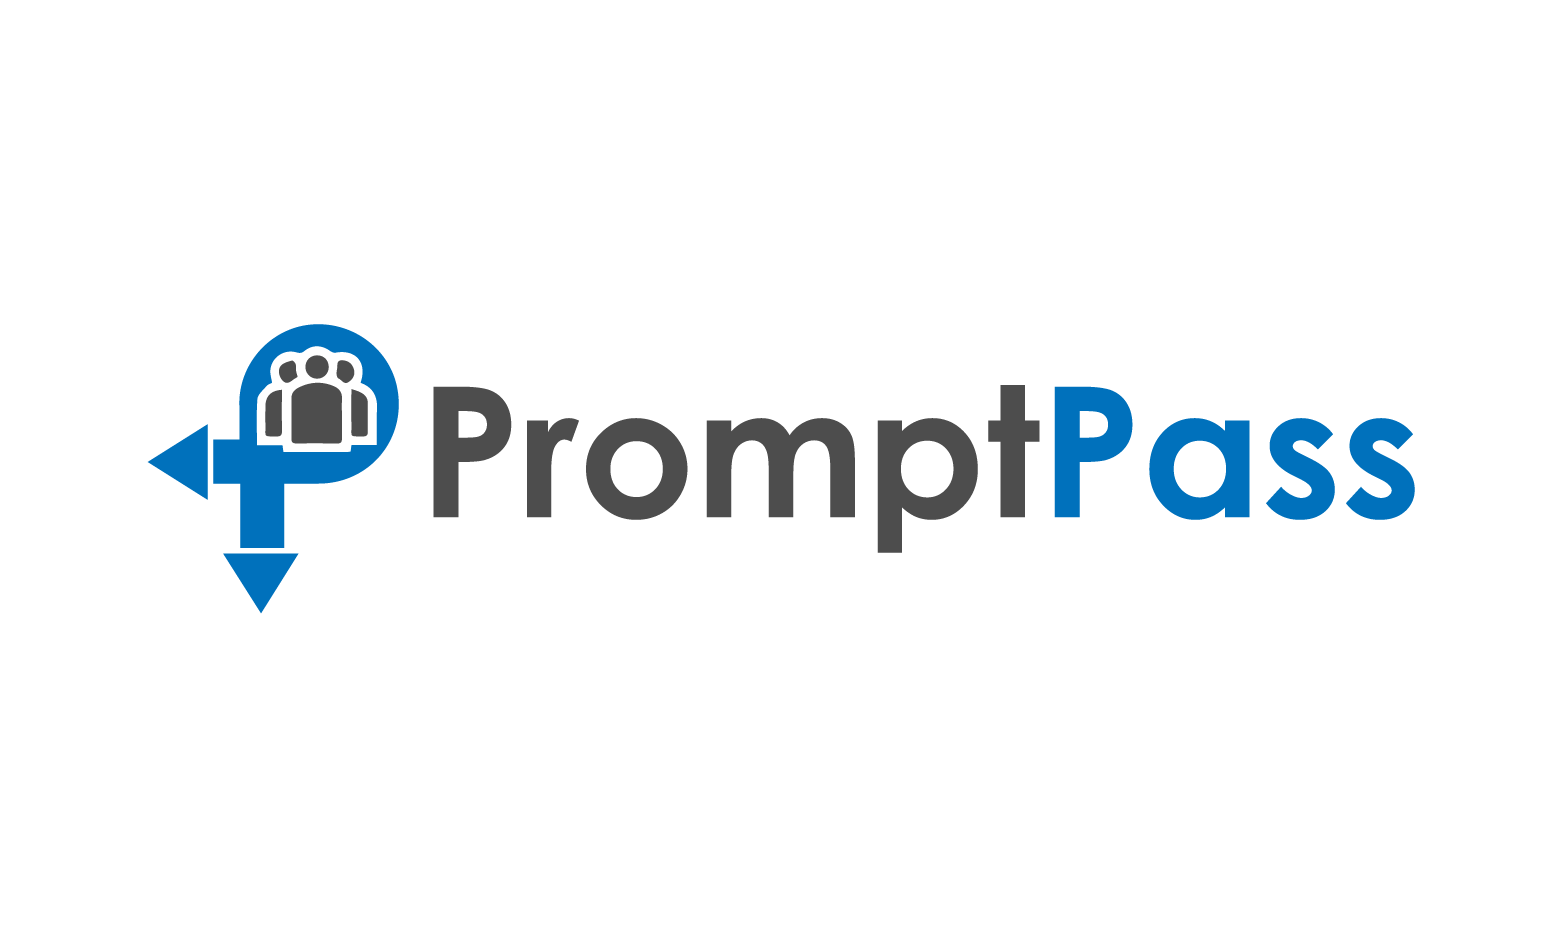 PromptPass.com